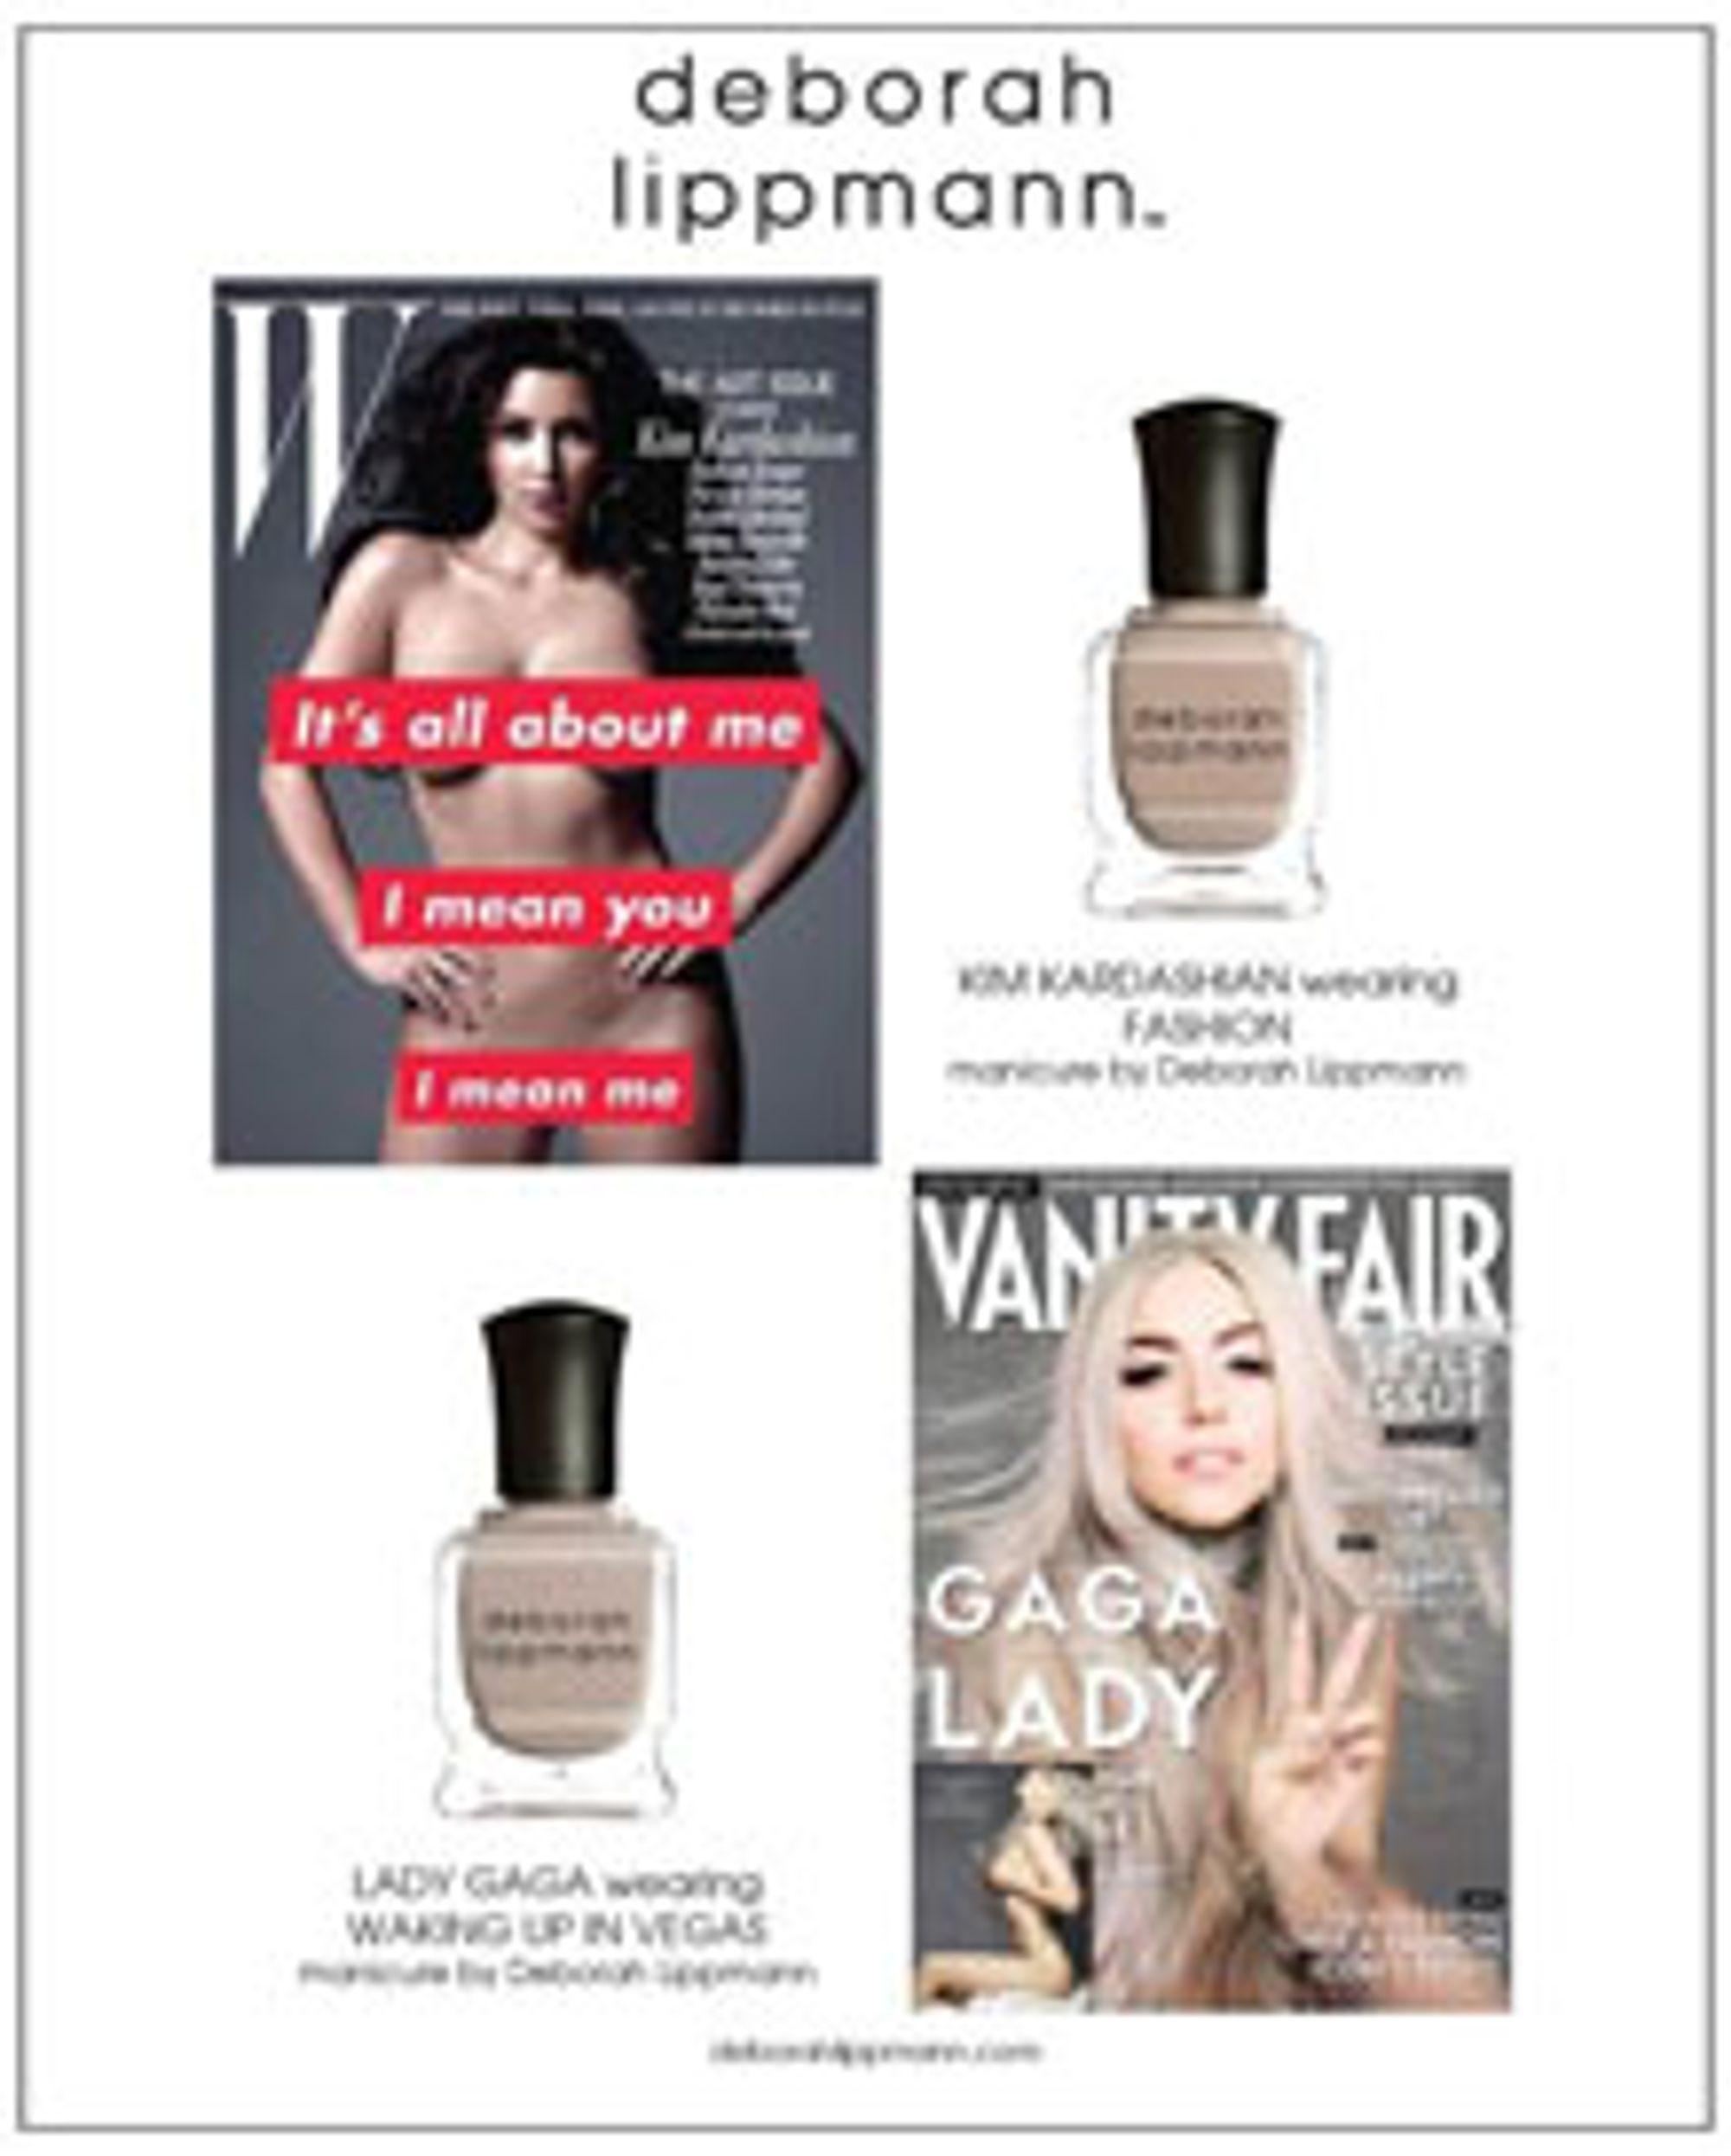 Kim Kardashian og Lady Gaga er blant frontfigurene for Lippmanns neglelakk.